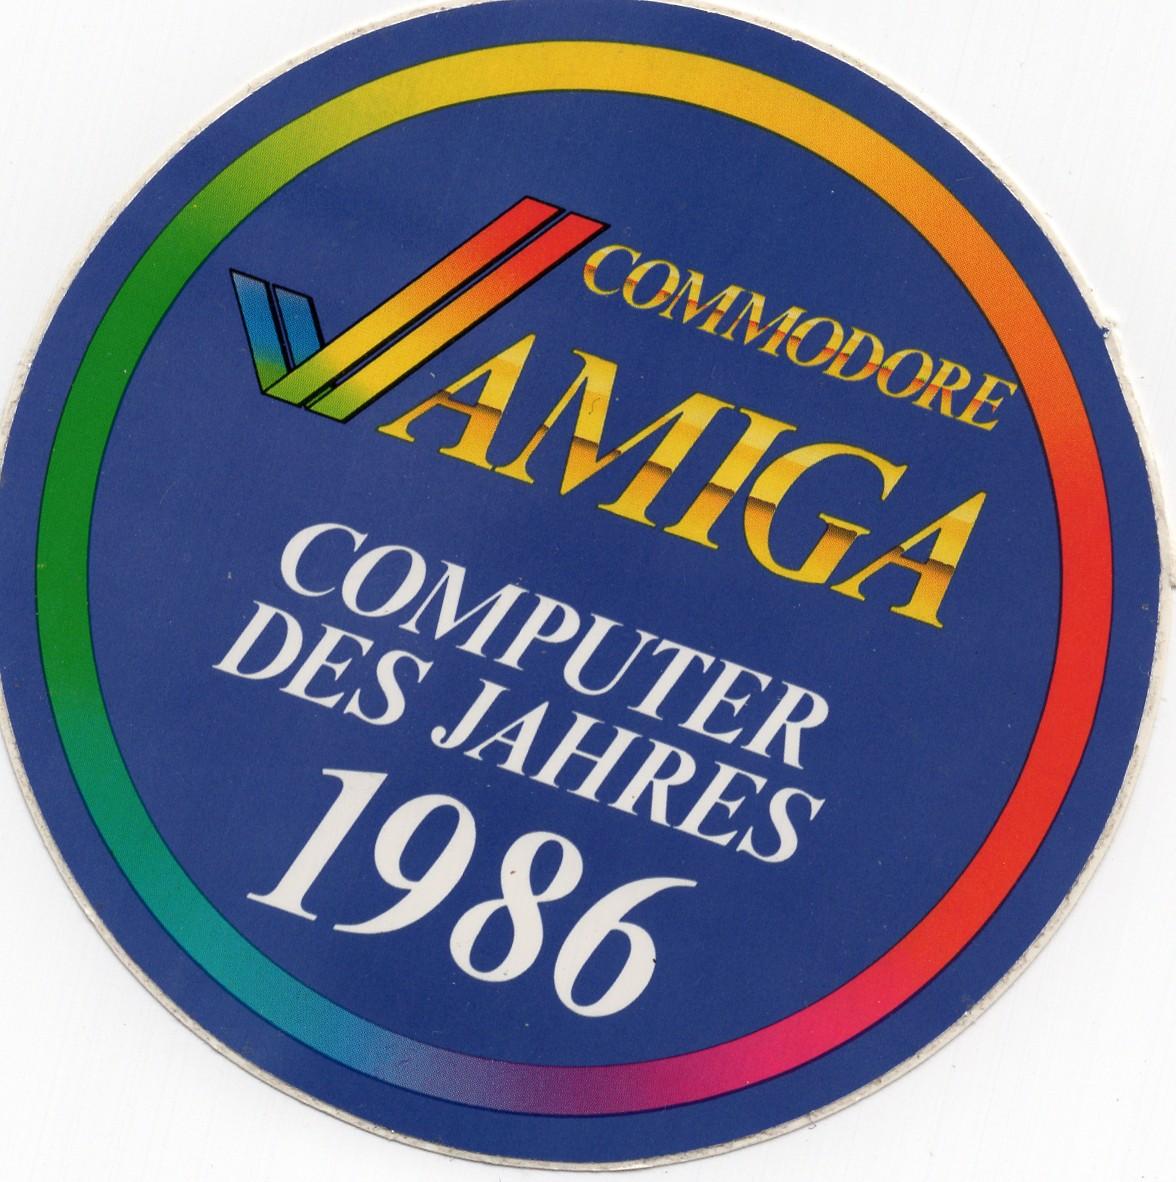 50f7dd55830a4 Ancient C64 Amiga Pirate Materials